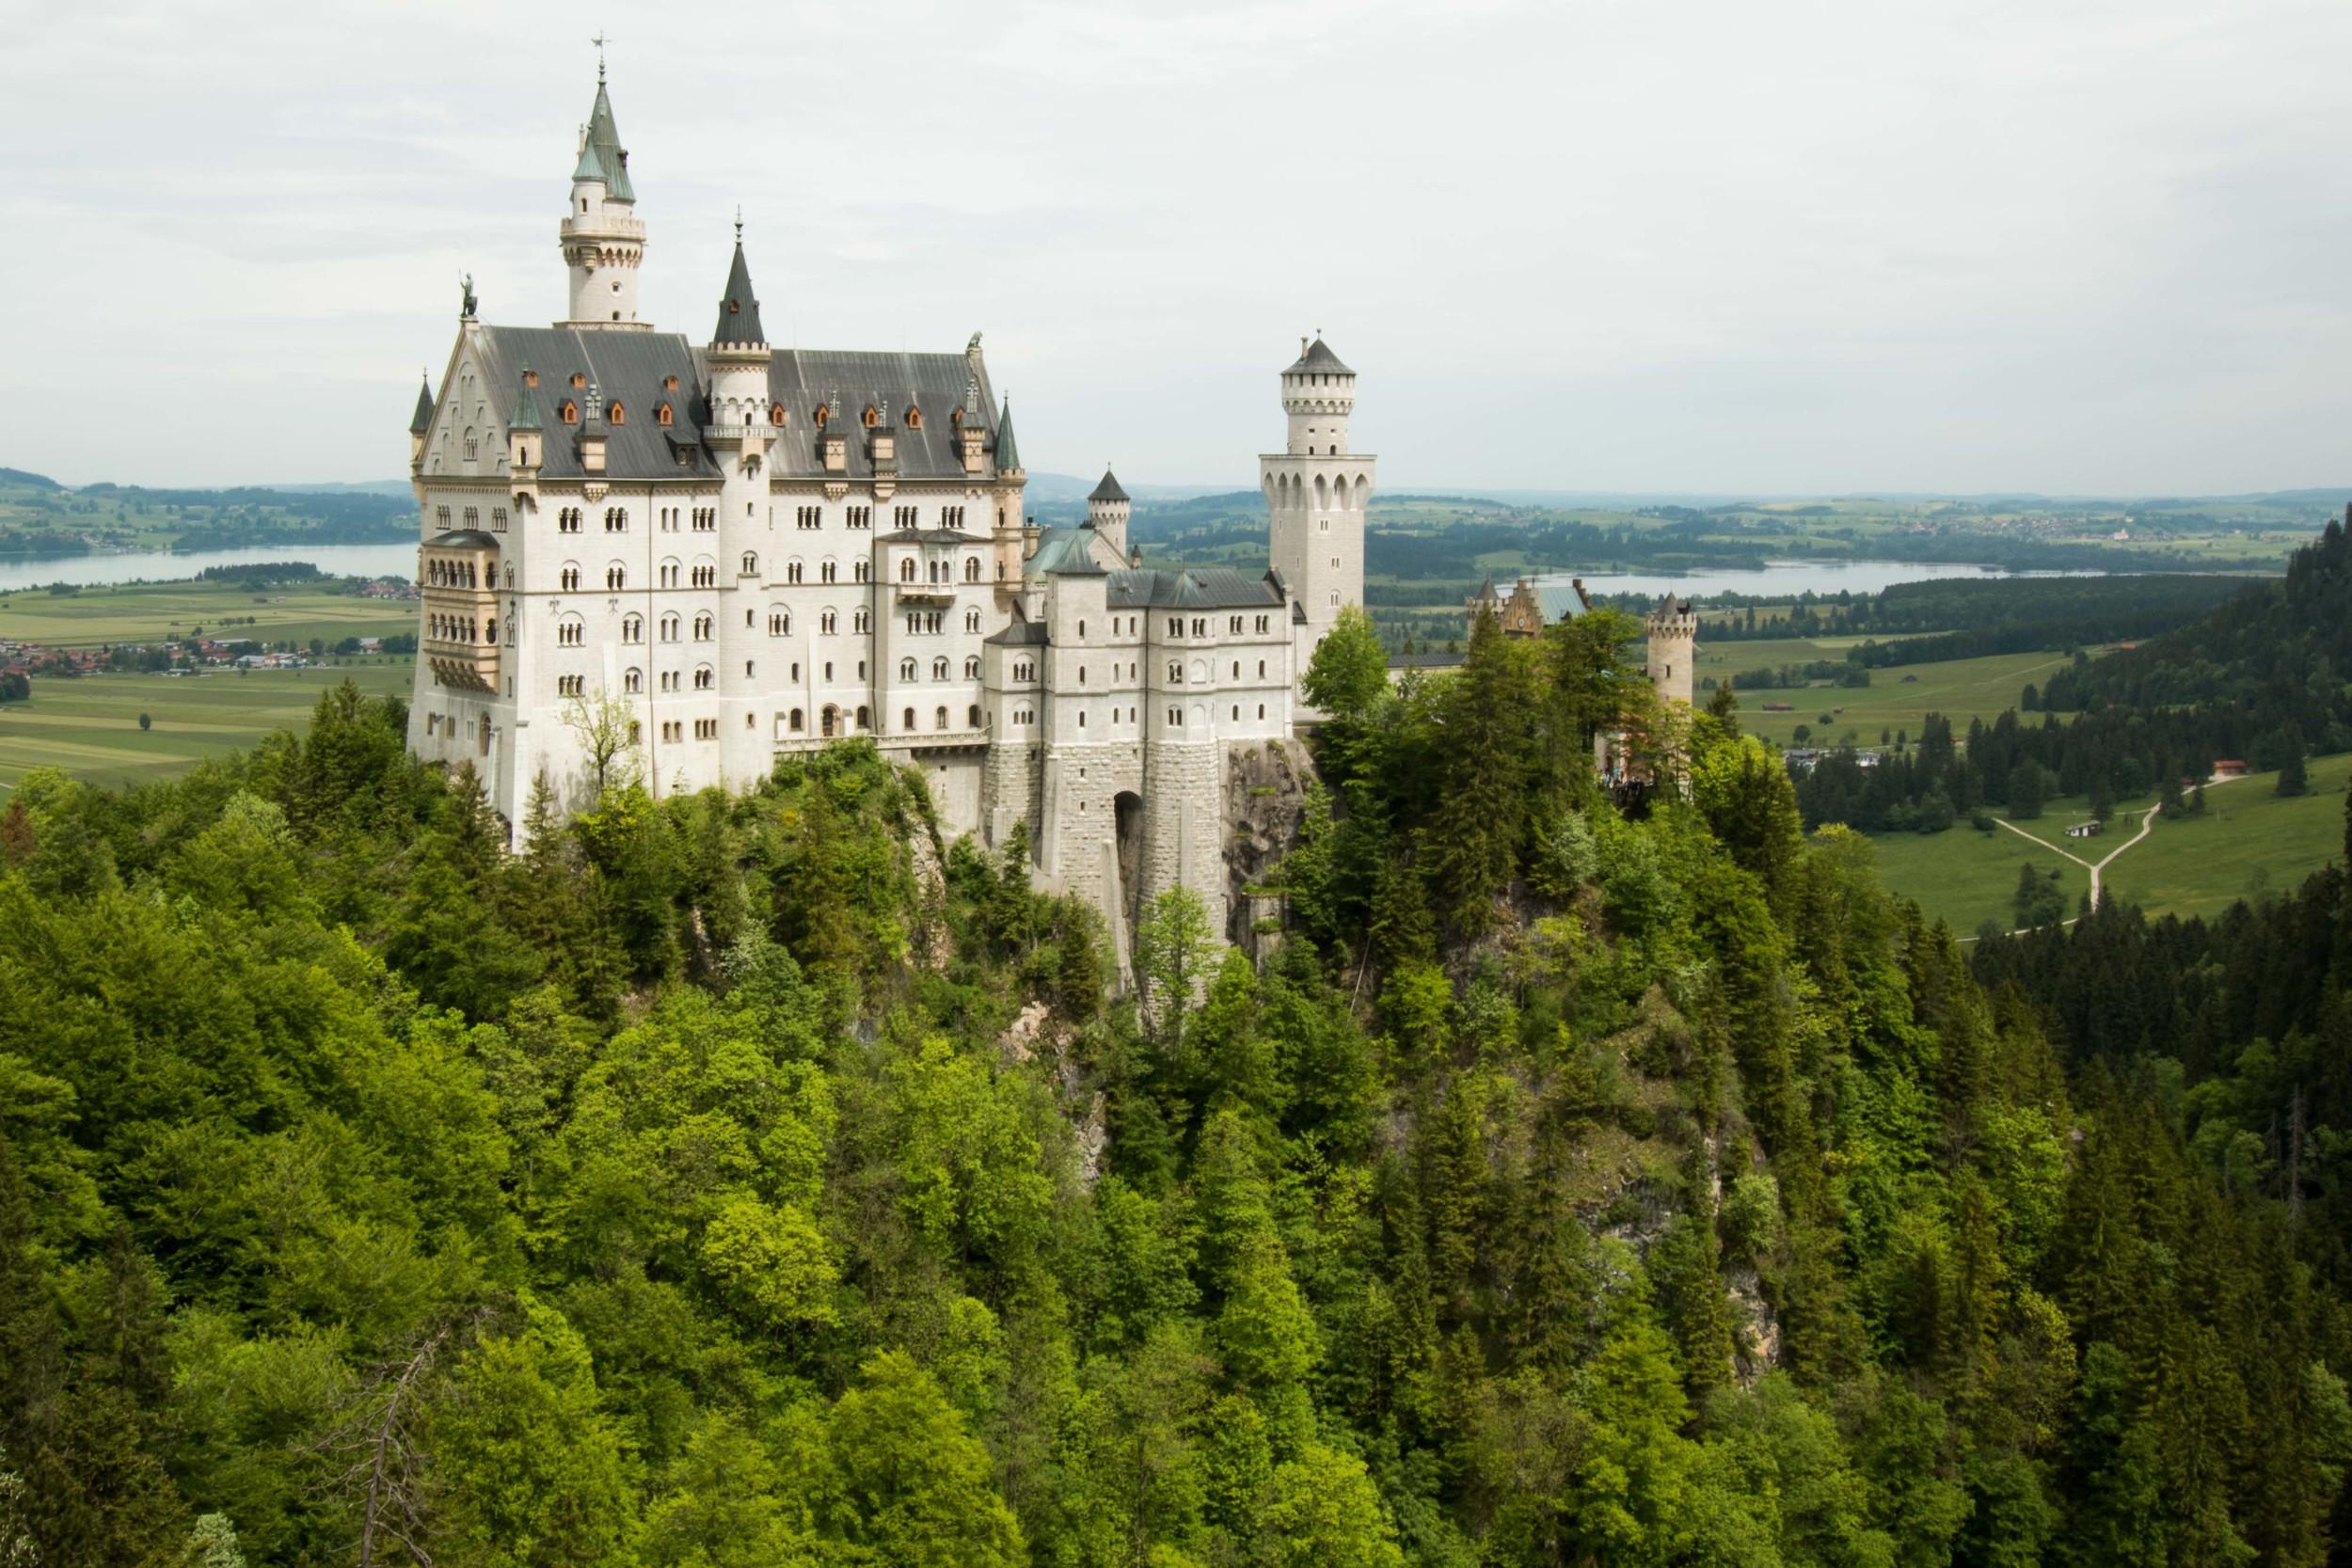 Neuschwanstein castle in Bavria